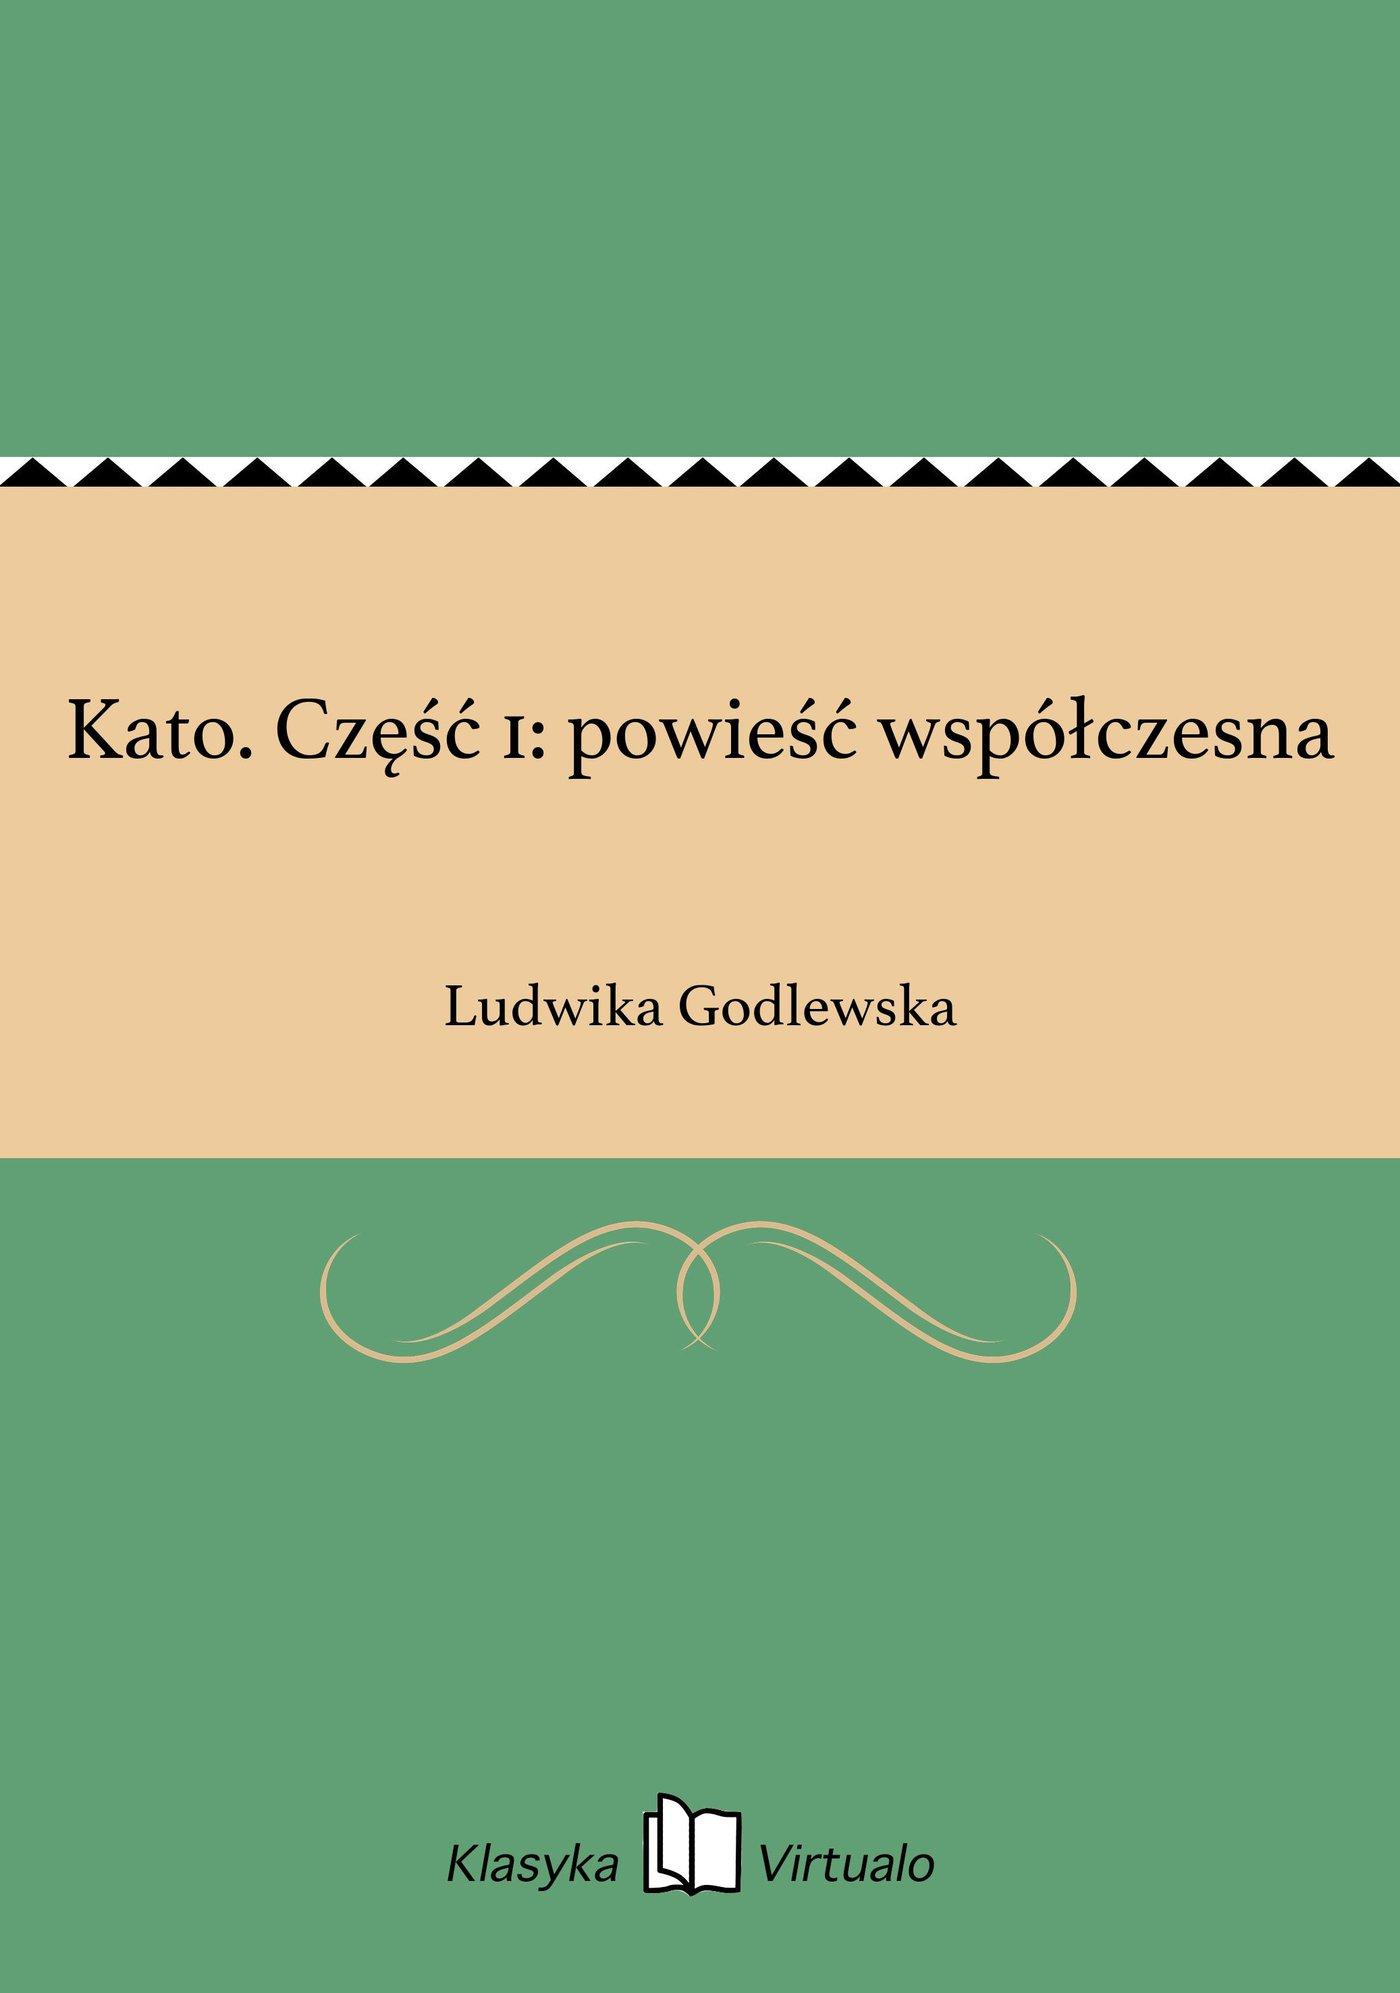 Kato. Część 1: powieść współczesna - Ebook (Książka EPUB) do pobrania w formacie EPUB